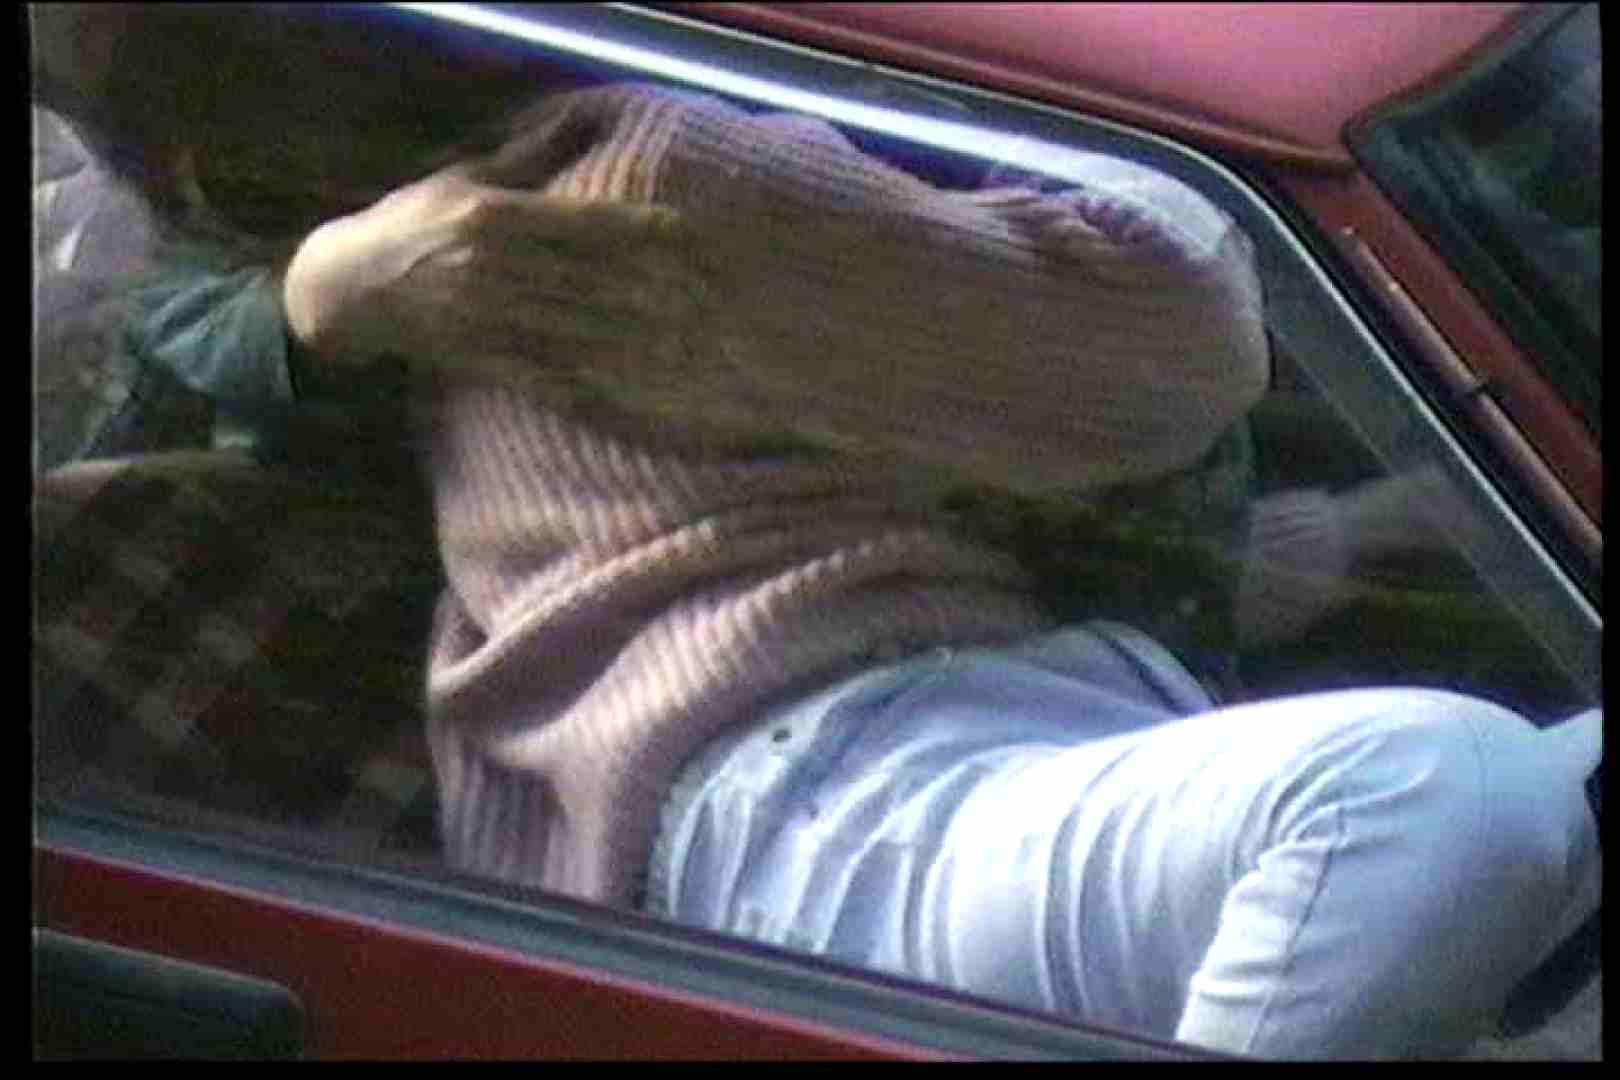 車の中はラブホテル 無修正版  Vol.12 赤外線 オメコ動画キャプチャ 109連発 29